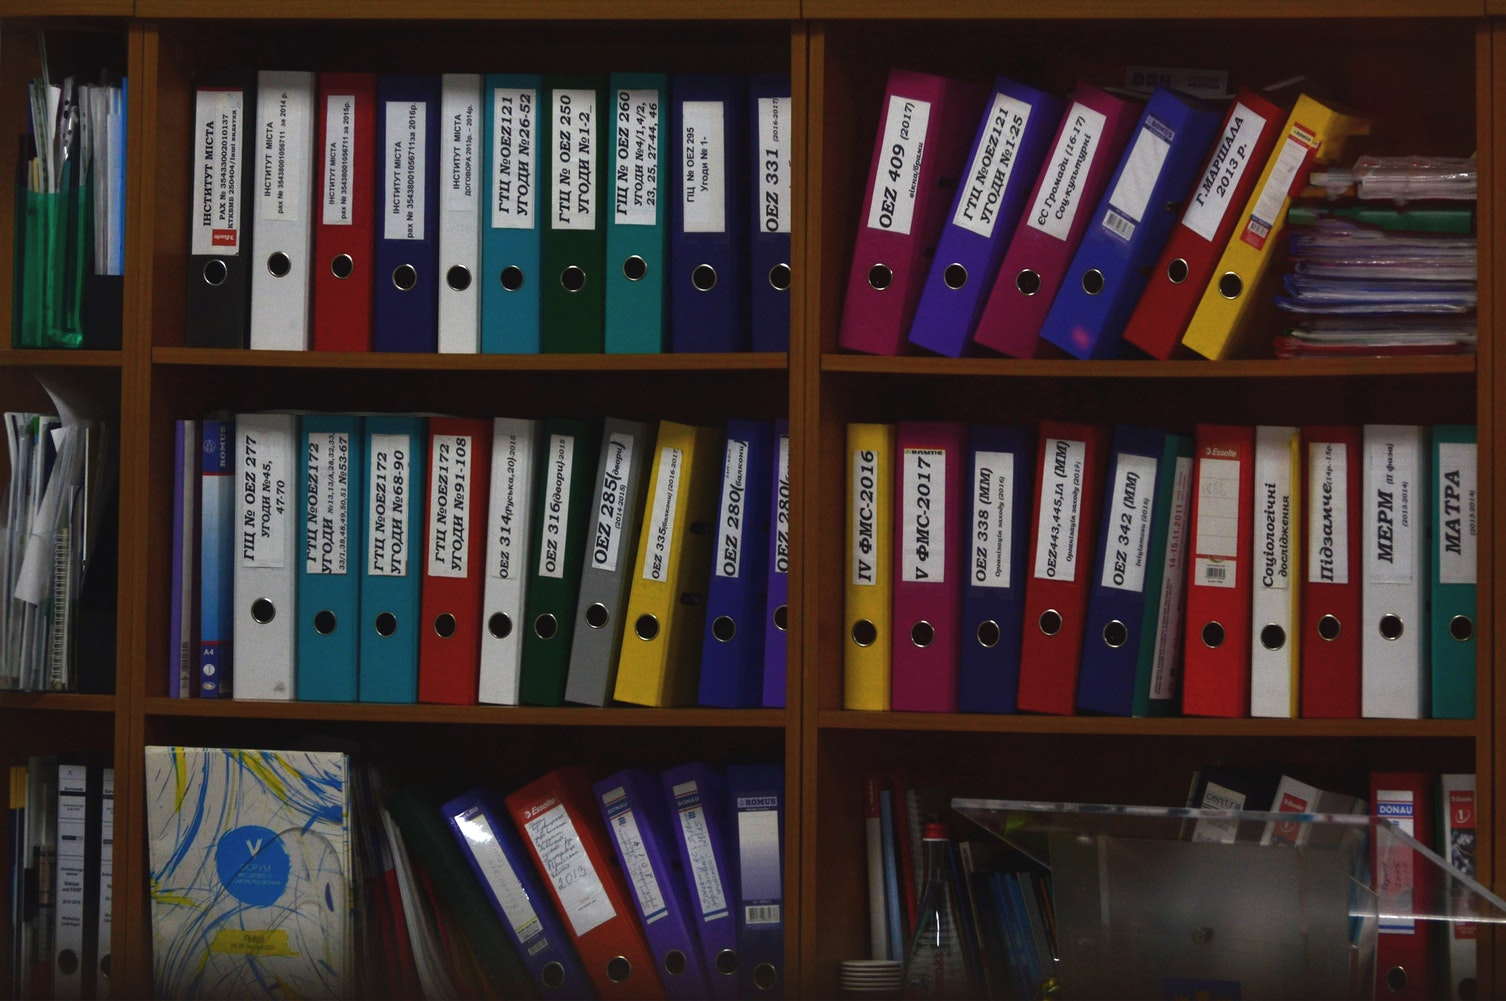 Phương tiện và thiết bị lưu trữ kho hồ sơ